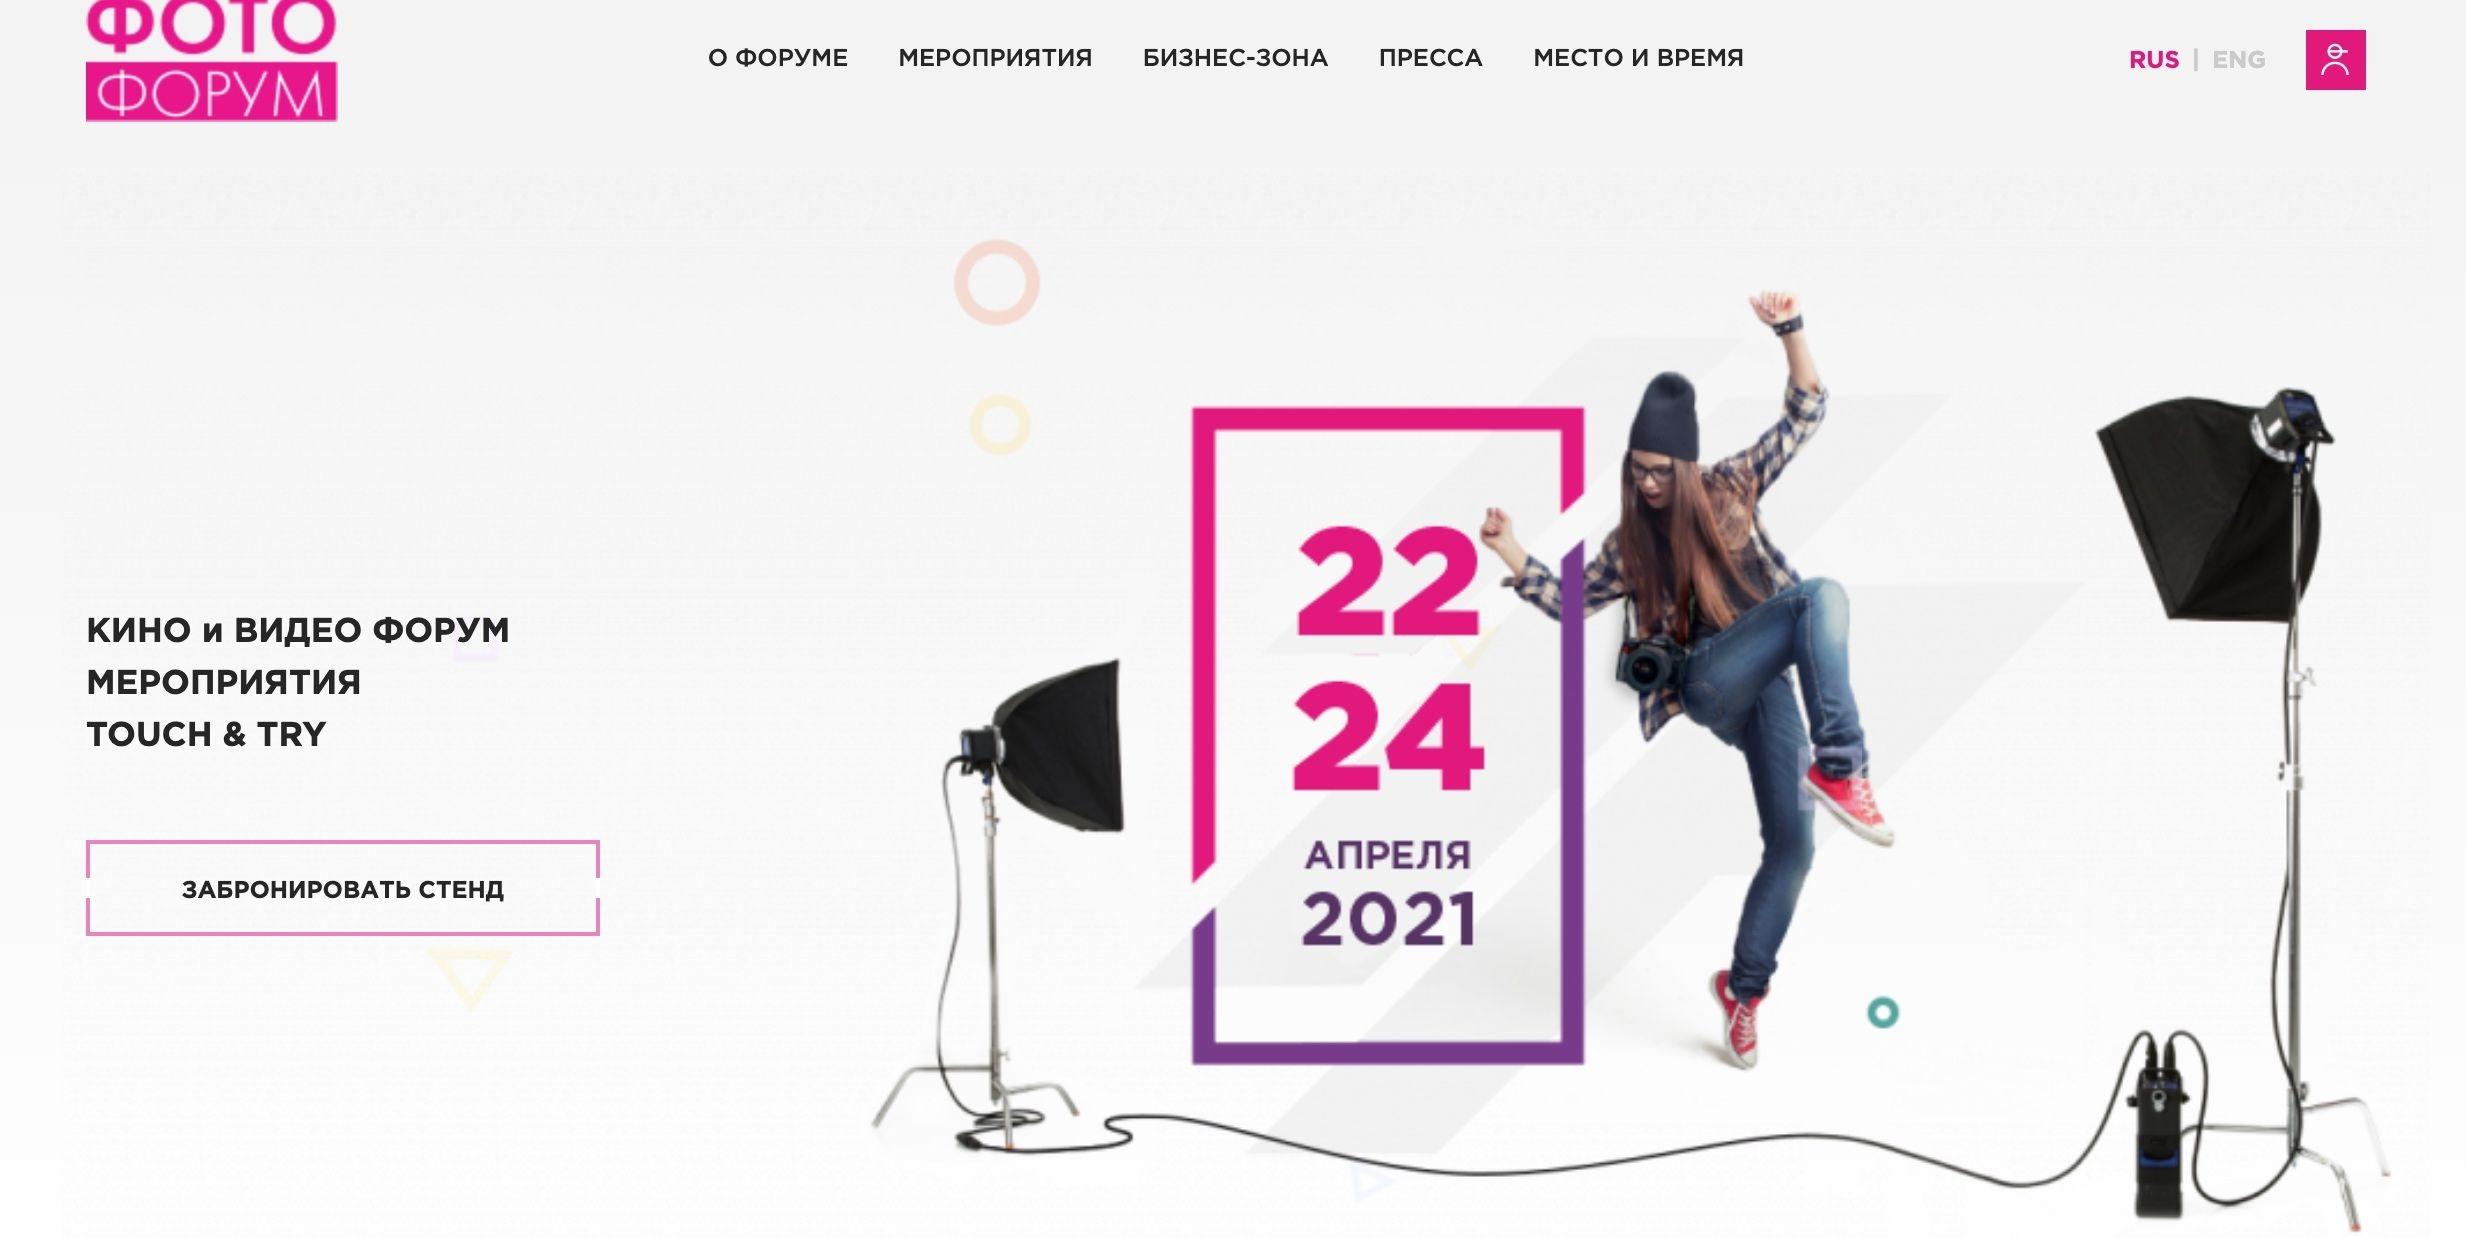 Фотофорум Перенесен На 22 Апреля 2021 Года - Photar.ru